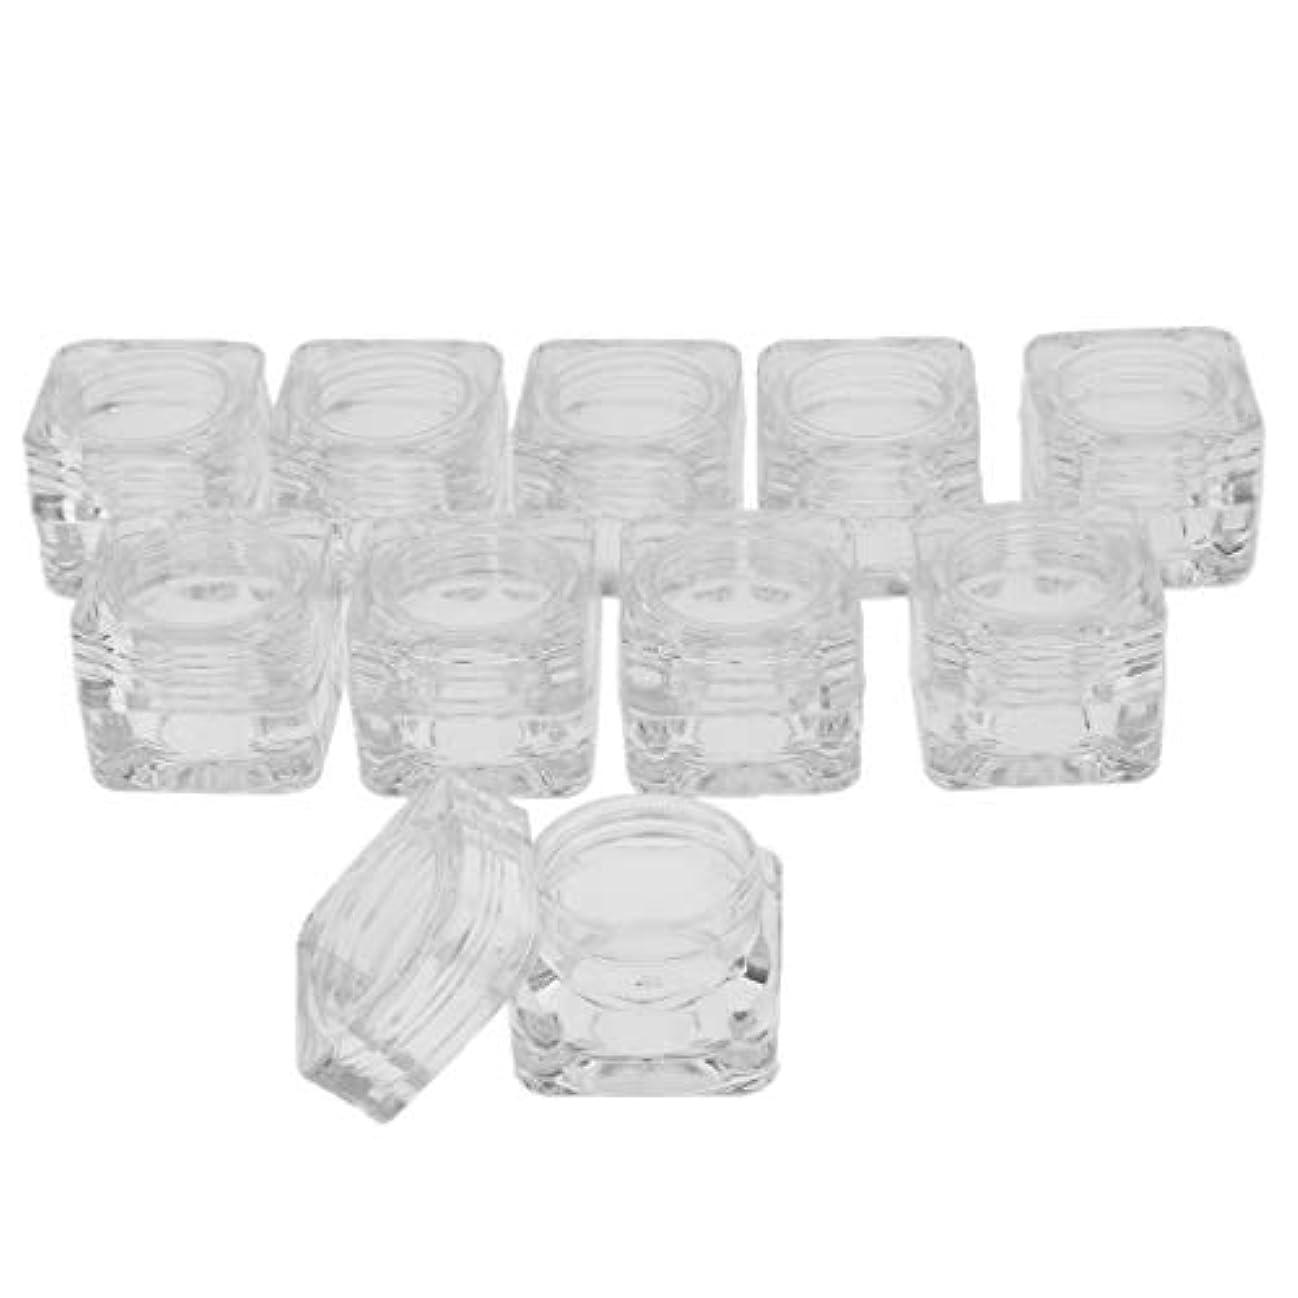 腰秘密の好きであるsharprepublic 10ピース/個5g化粧品サンプル空容器プラスチック瓶クリーム、アイシャドウ、ネイル、パウダー、ジュエリー用ボトル